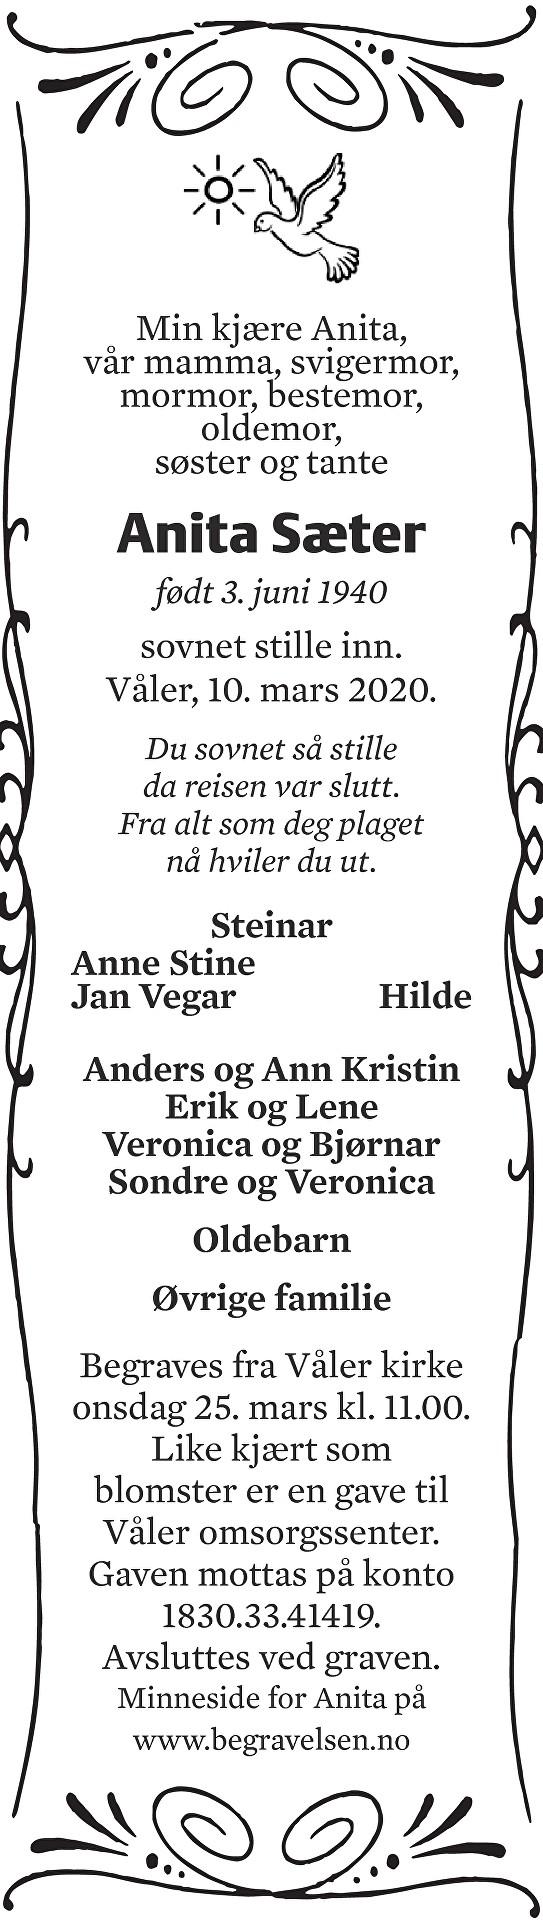 Anita Sæter Dødsannonse